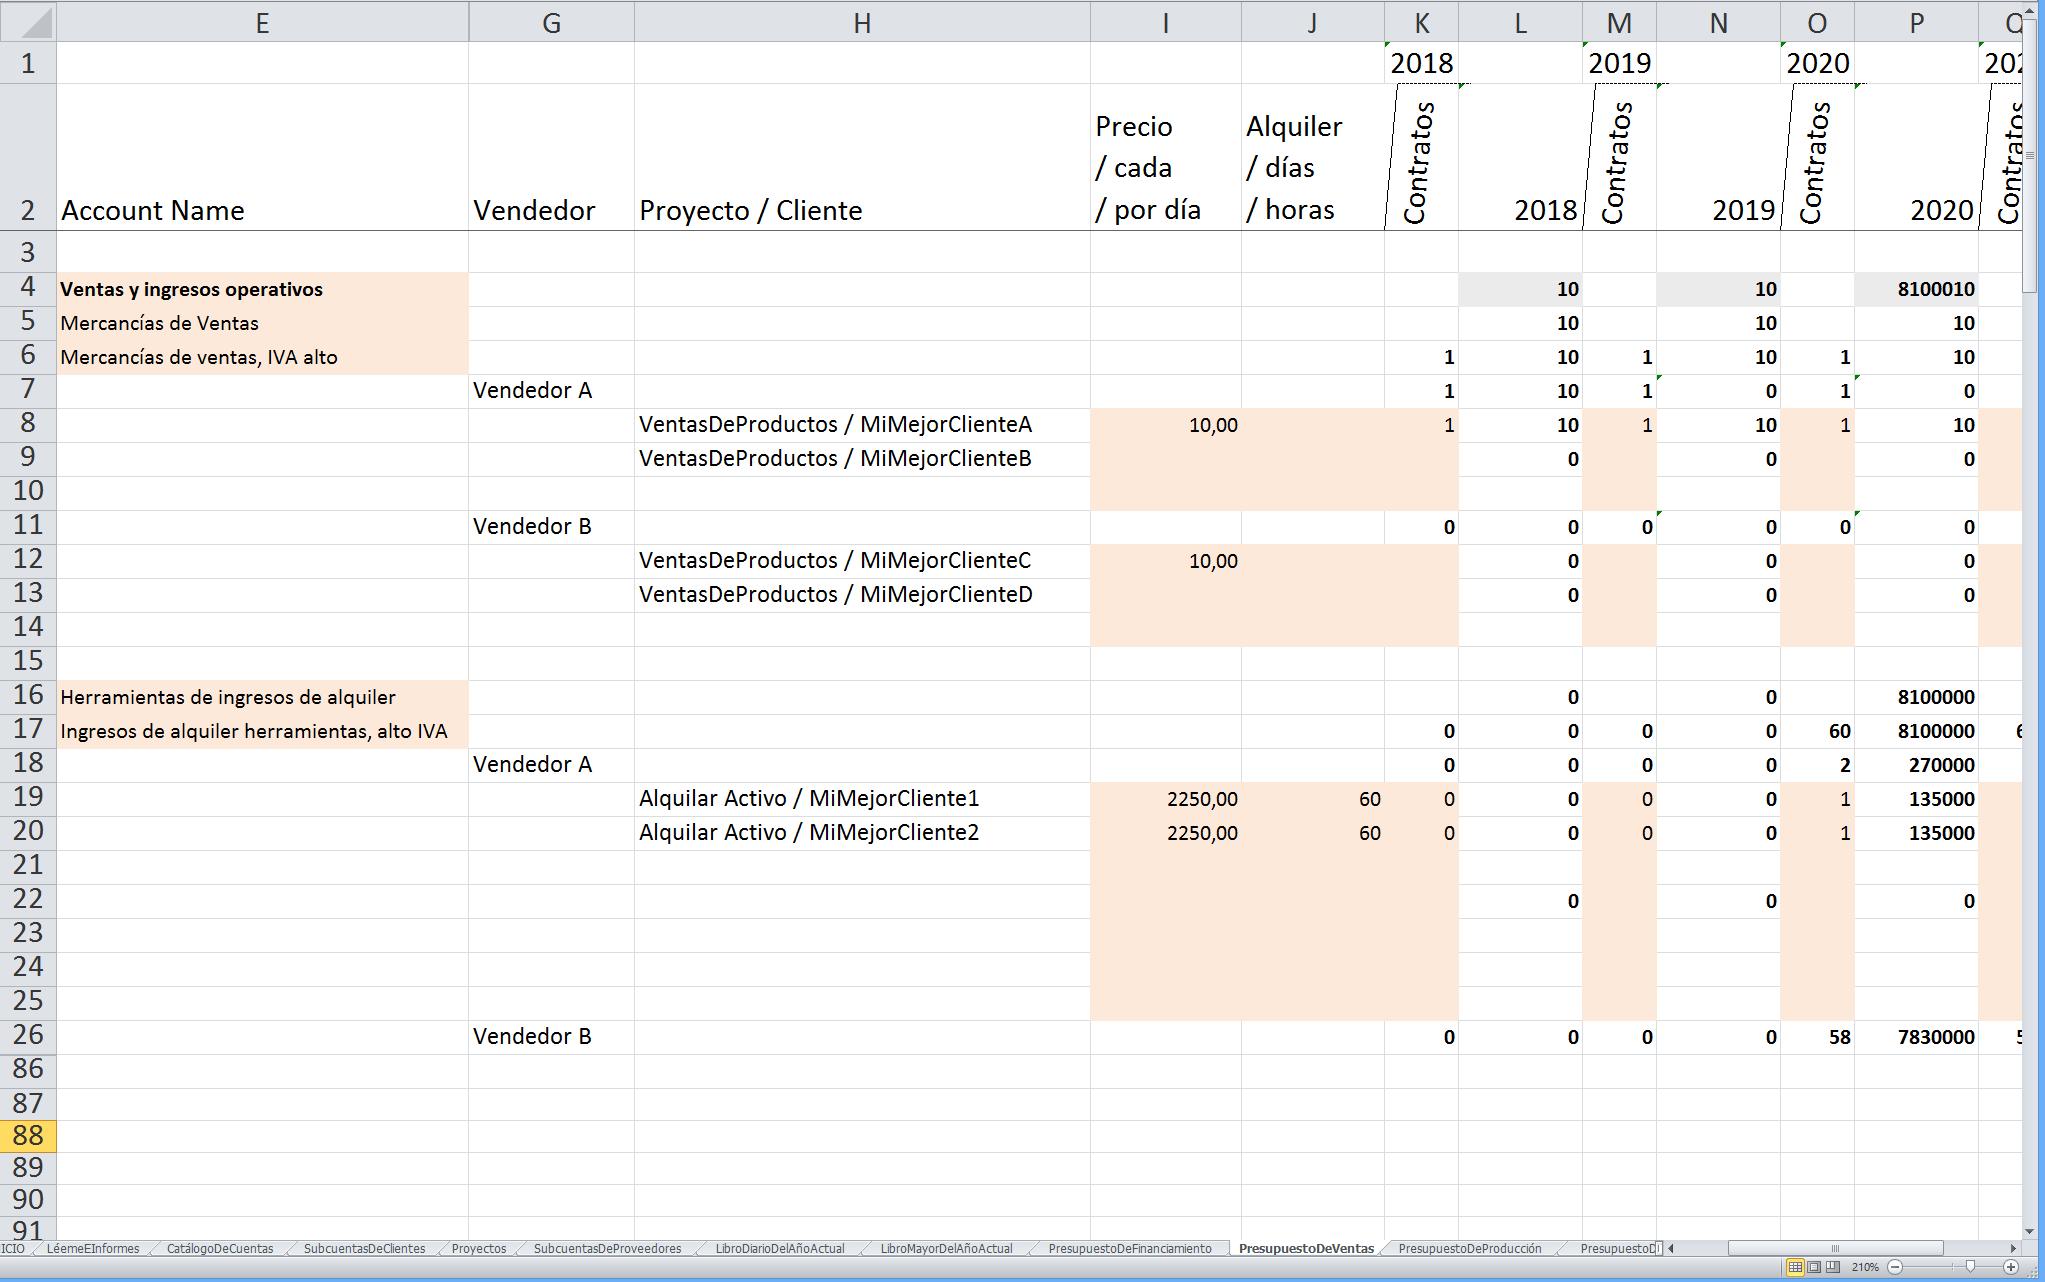 1542639655_es44a__Planificación_de_negocios__planificación_a_largo_plazo__Ventas__Excel-Accounting-Budget-Analysis.com____Largo_Tiempo_Planificación_6_Año__2017-05-22.png